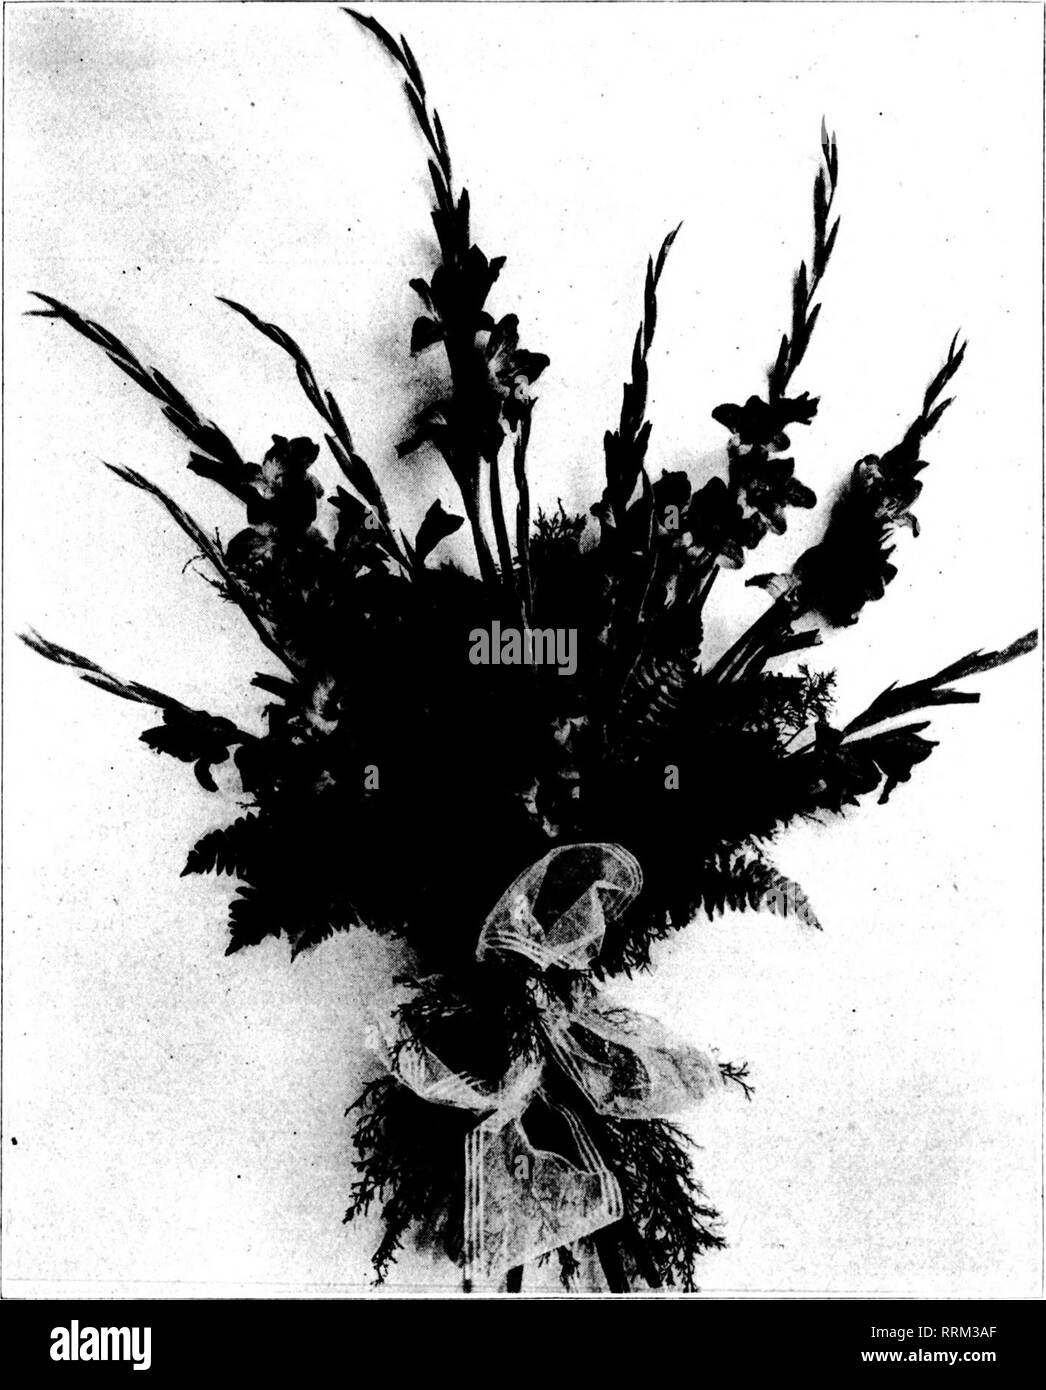 . Les fleuristes [microforme] examen. La floriculture. j,.,.v 26, 1917. Les fleuristes^ sa révision 13. '' ResiJi'&gt; staiit! Vorali' causi locati. (.?Arel'i i;iit c'est un mouvement qui souffre cruellement; est sans la considération qu'elle mer-:.e jugement de ce fleuriste à^ t souffre cruellement; est la base d'une sous-! La réussite; d'autres fois c'est le • si l'échec. Par conséquent chaque fa- et de l'état défavorable ,je et de quartier devraient être:,v pesé. Un GL/.DIOLUS ET CEDAR SPRAY. Til, iccompanyiug, illustration d'un fichier .sprav f gladioli par D. Blackistone Wasliivu Z.,'ton, D. C, est intéressant car, M. Blackistone expl Banque D'Images